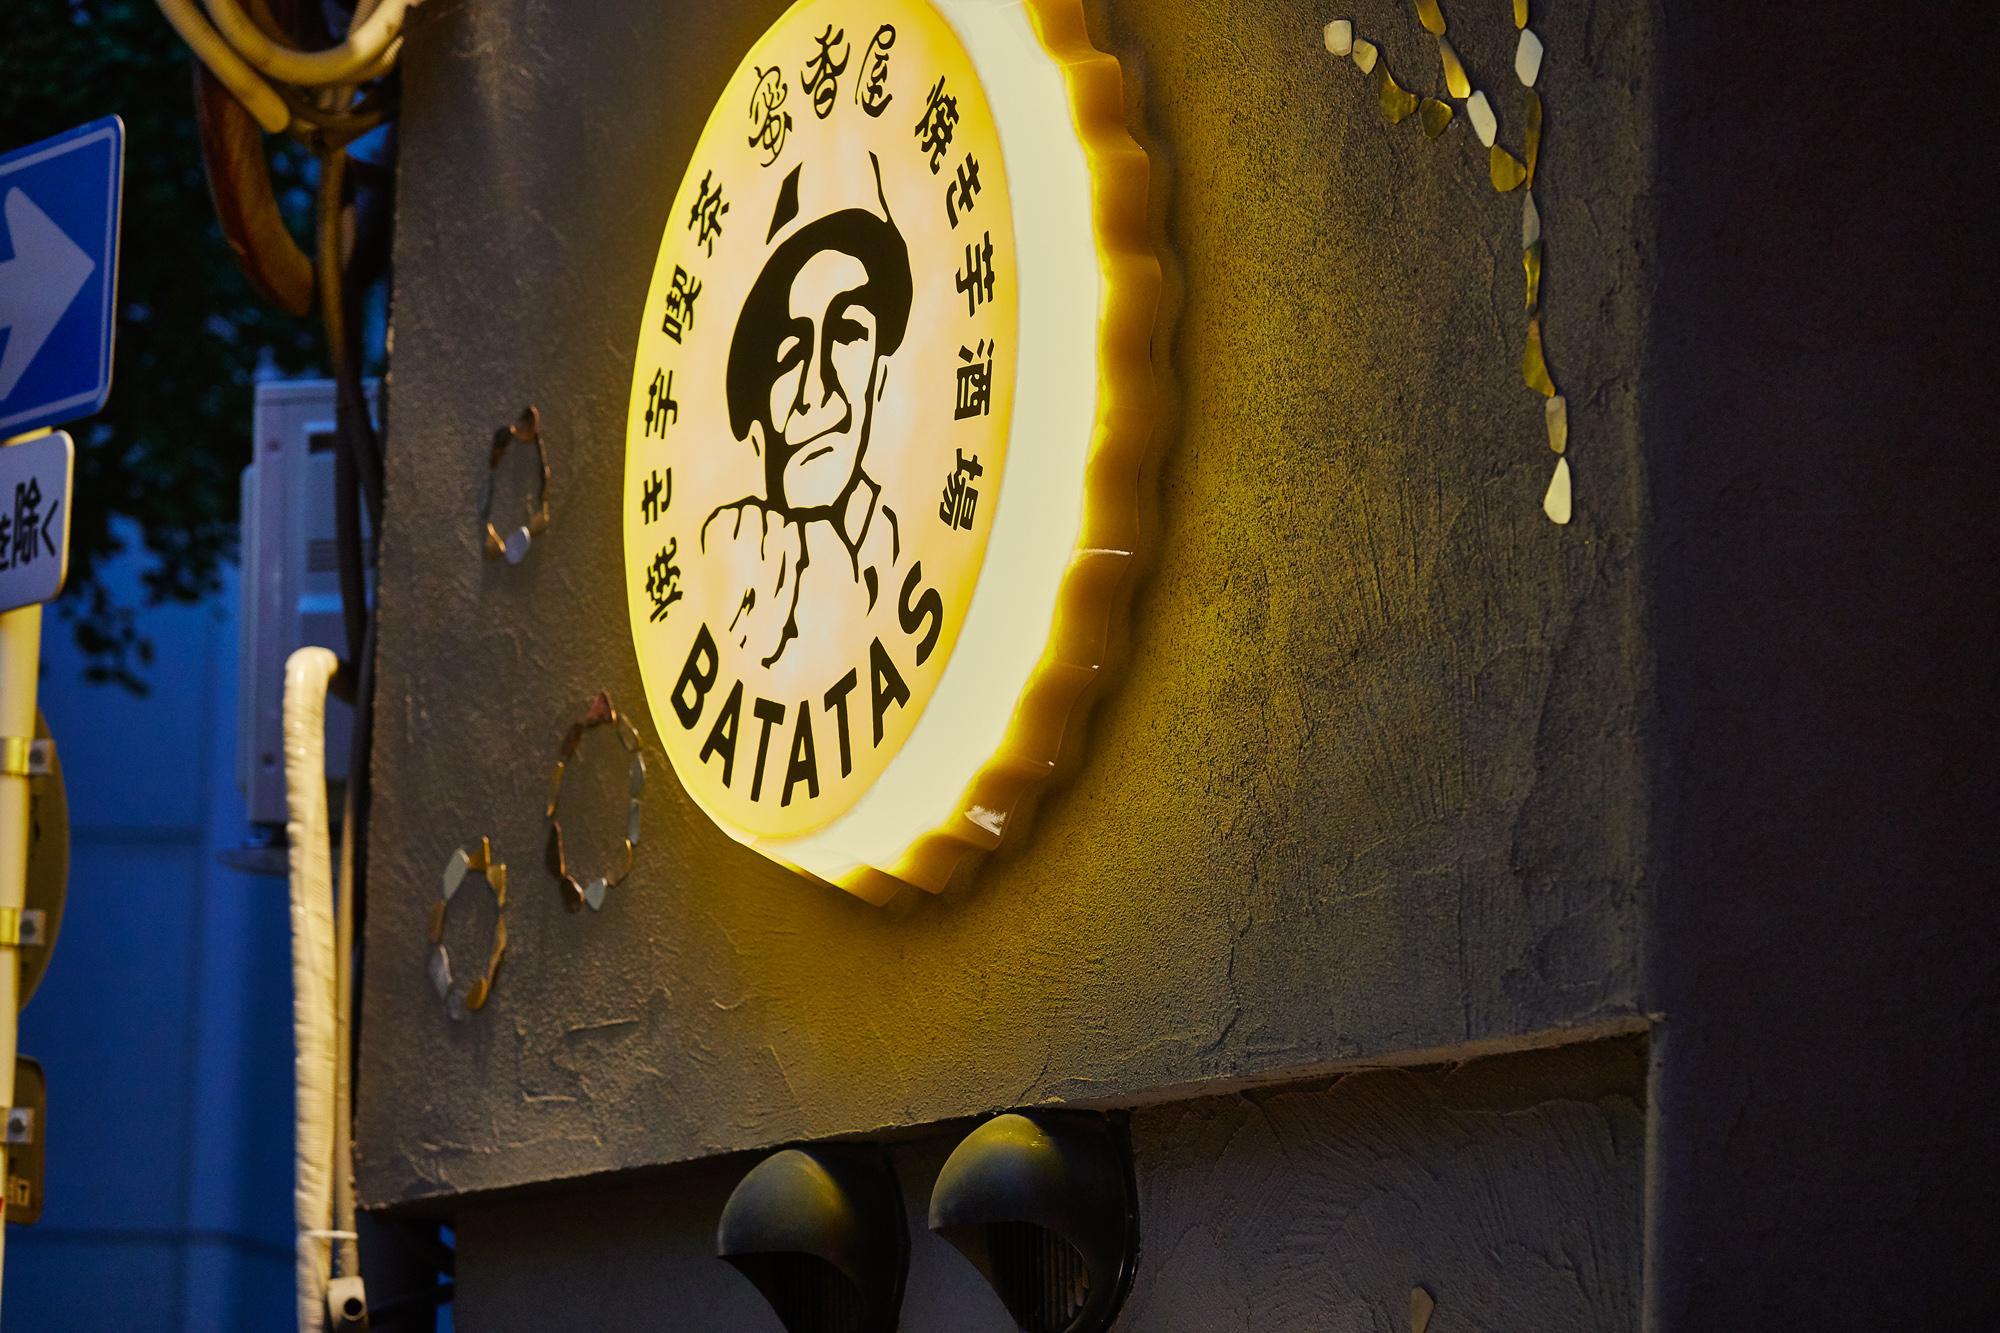 BATATAS 蜜香屋 ロゴ